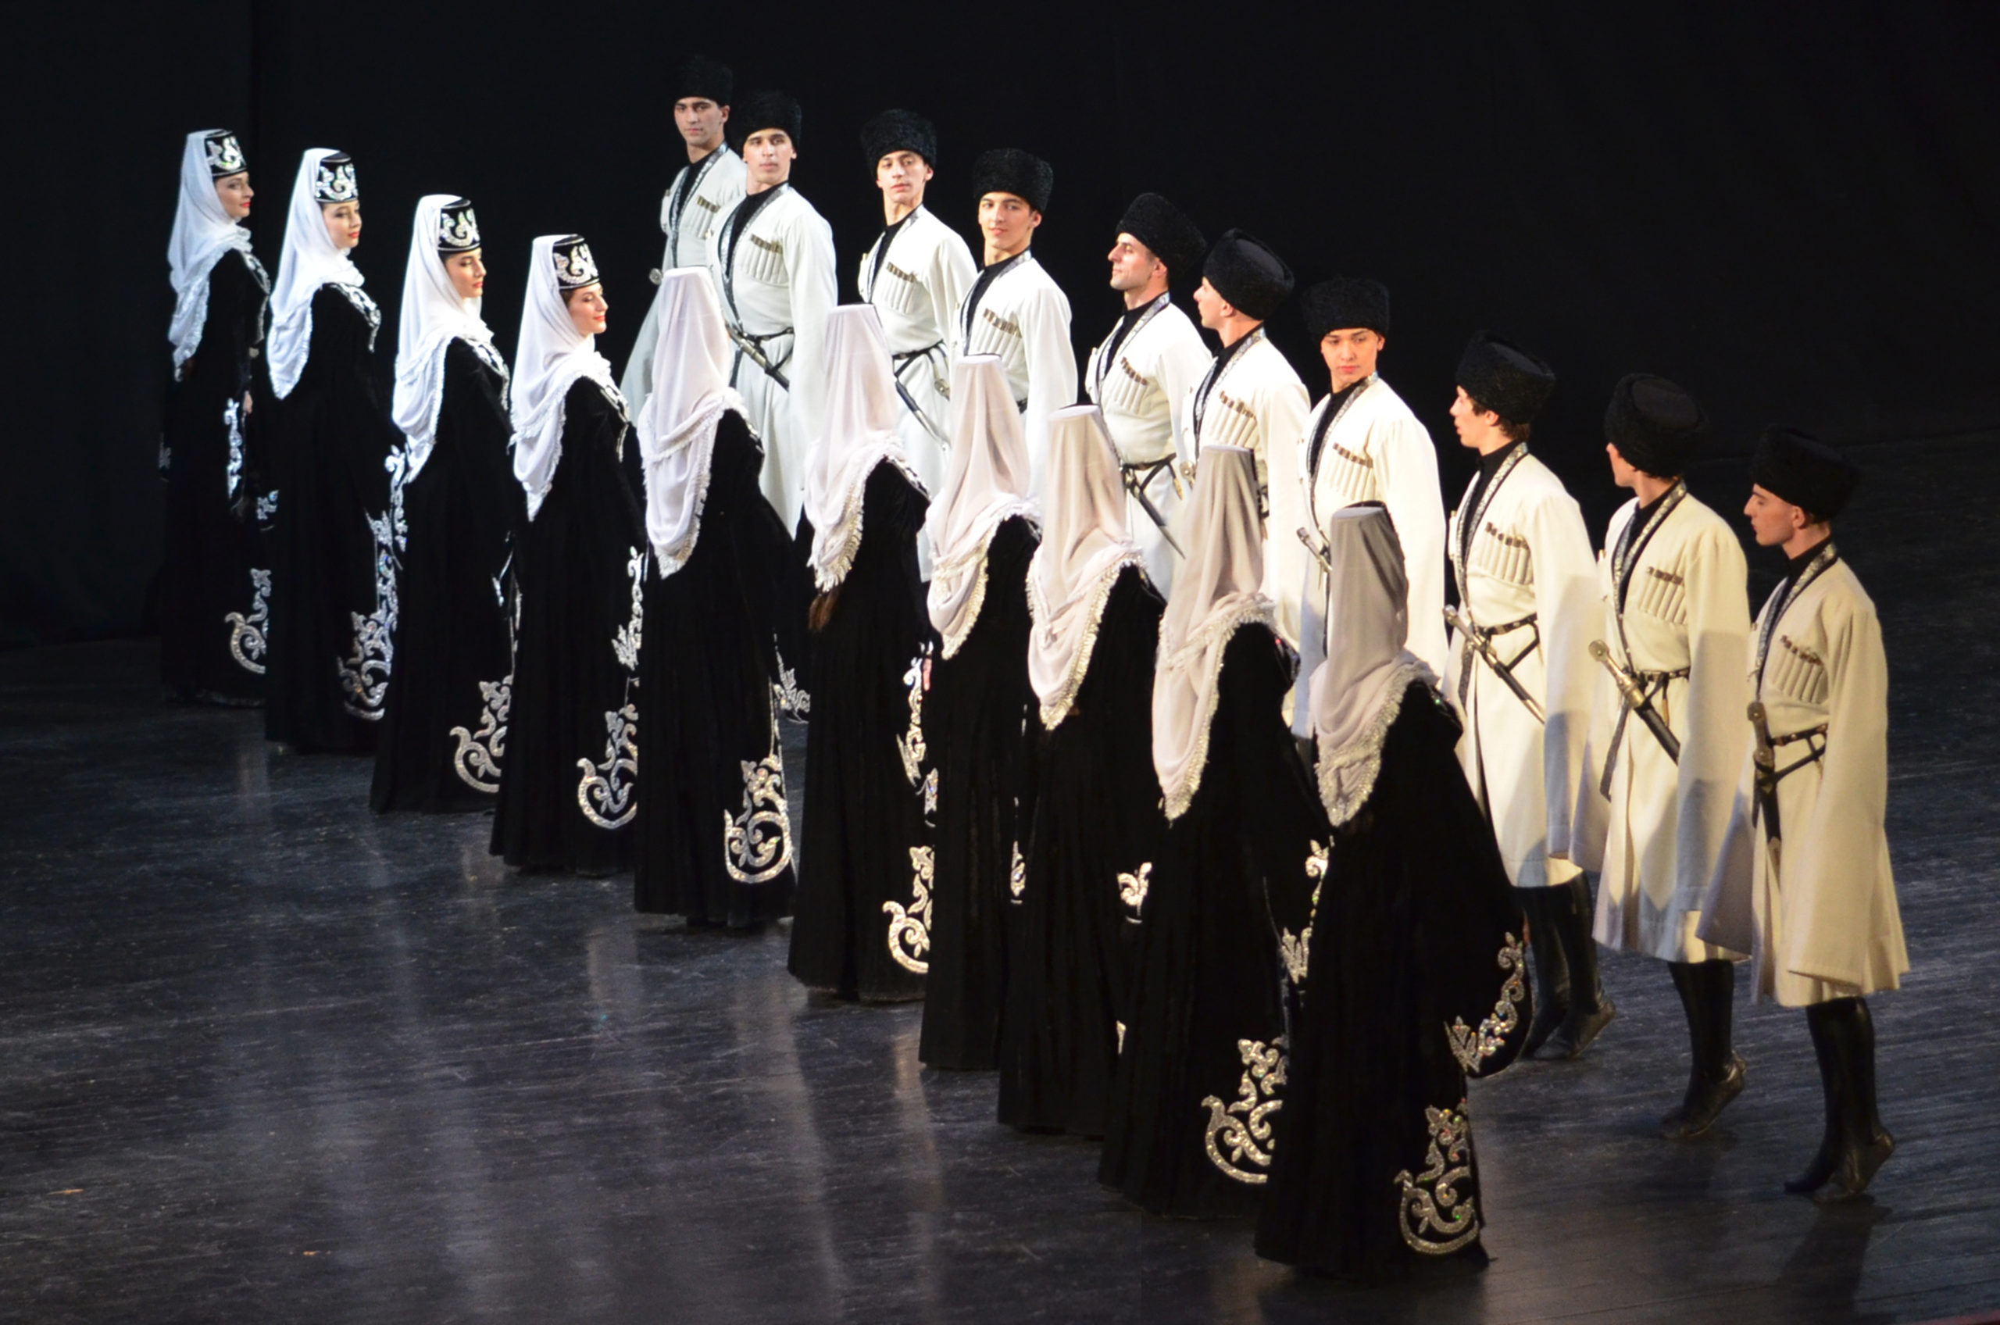 Ансамбль «Иристон» отменил концерт в Алагире в связи с трагедией в Казани